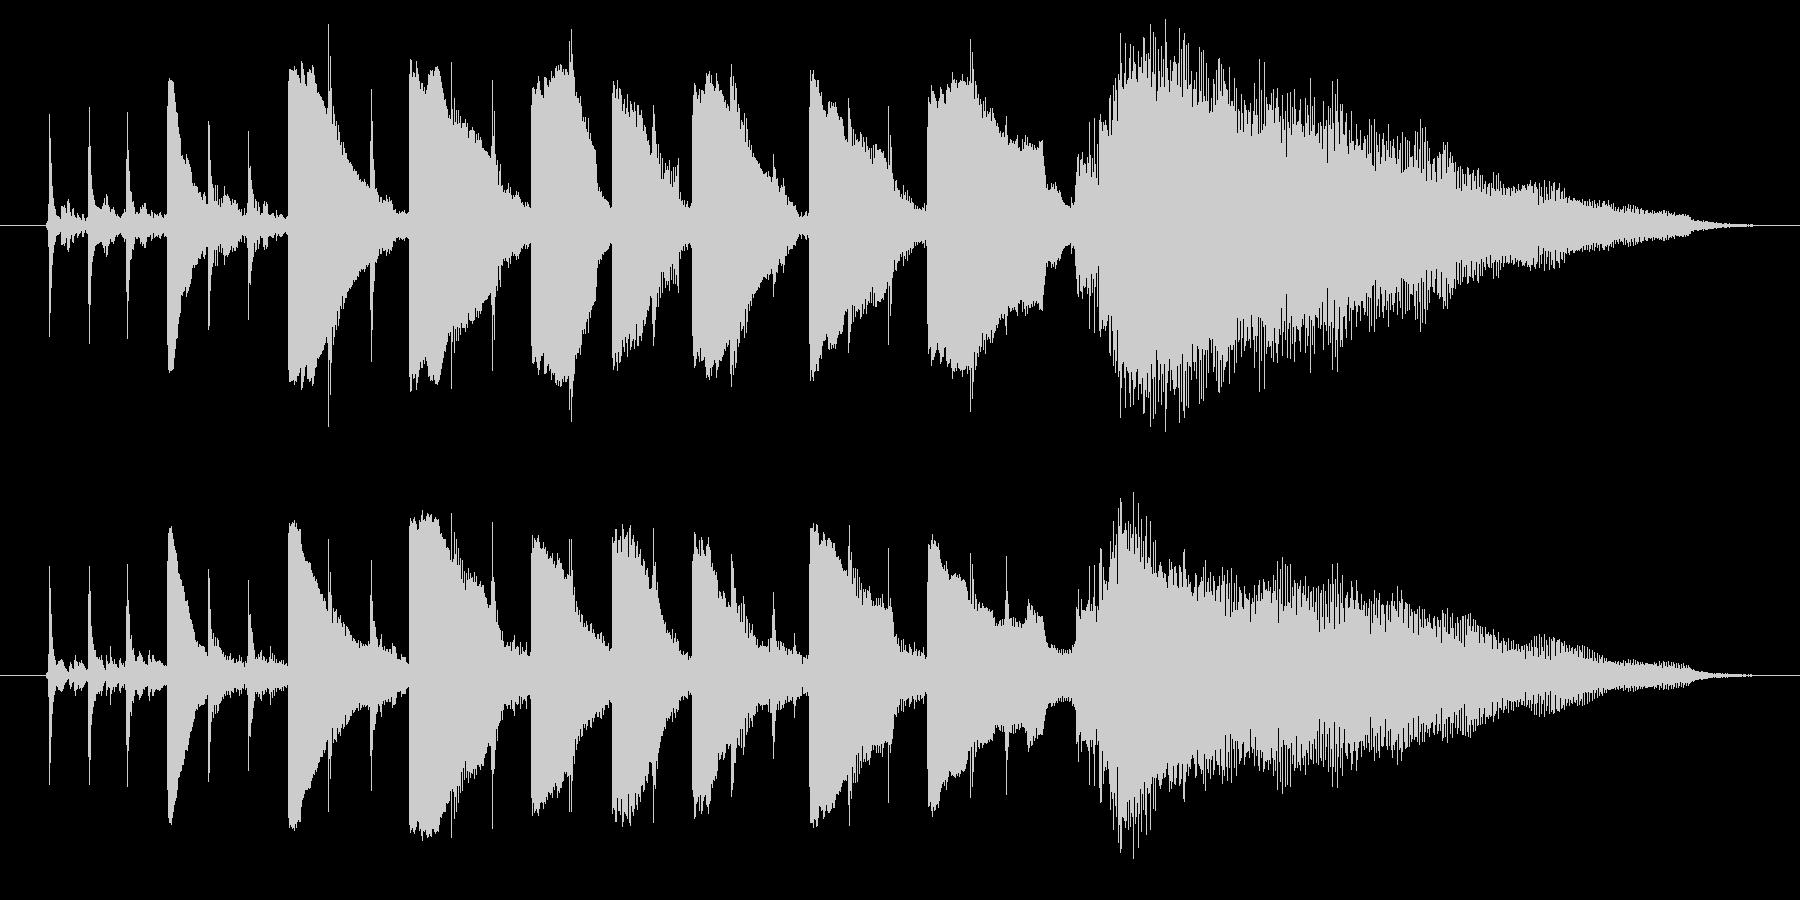 海外ドラマ風 エレキギターミュートコードの未再生の波形